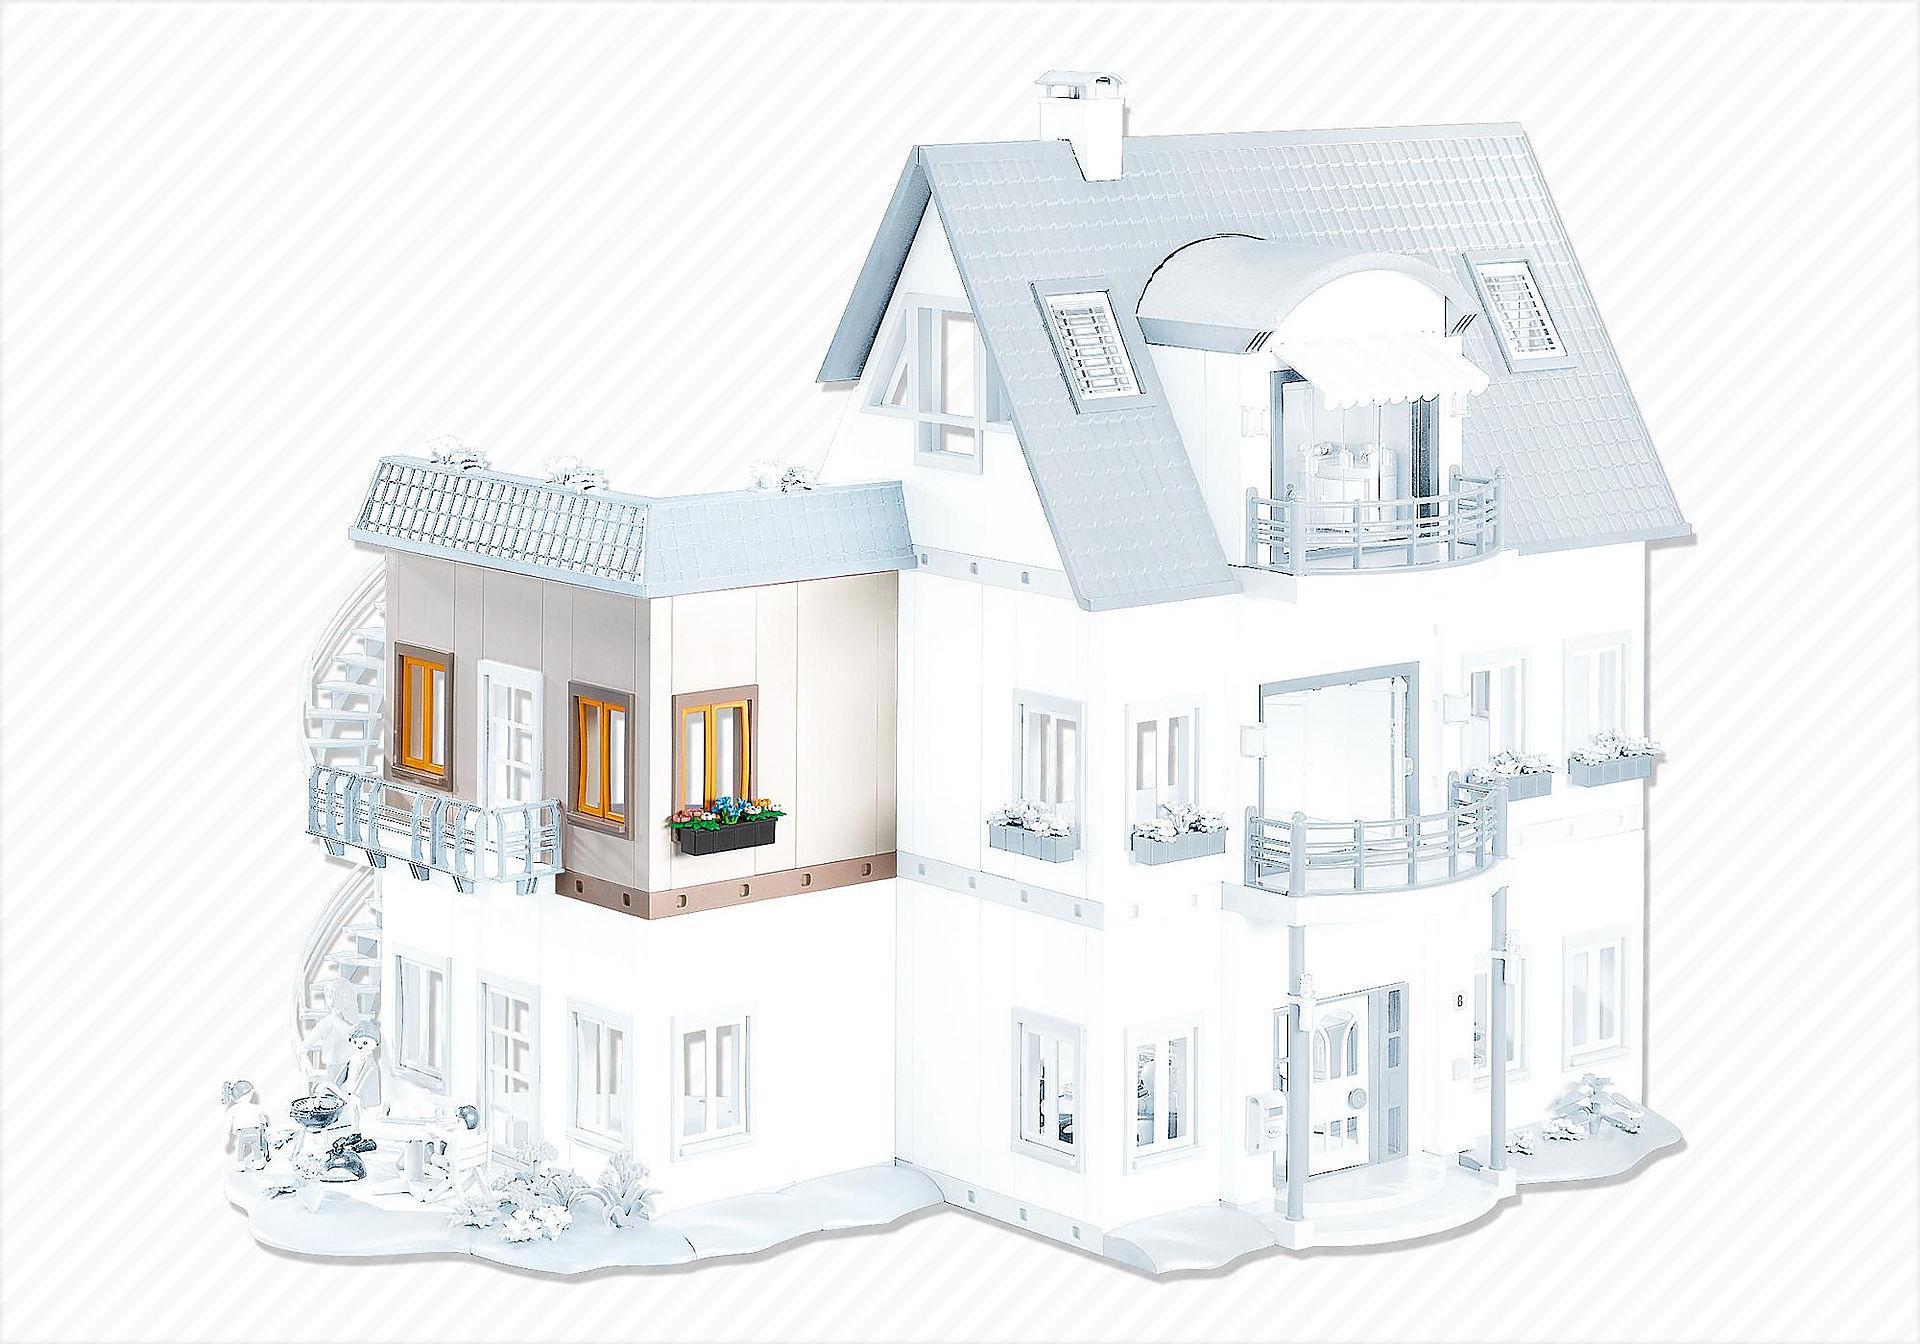 7389 Neues Wohnhaus, Erweiterung C zoom image1